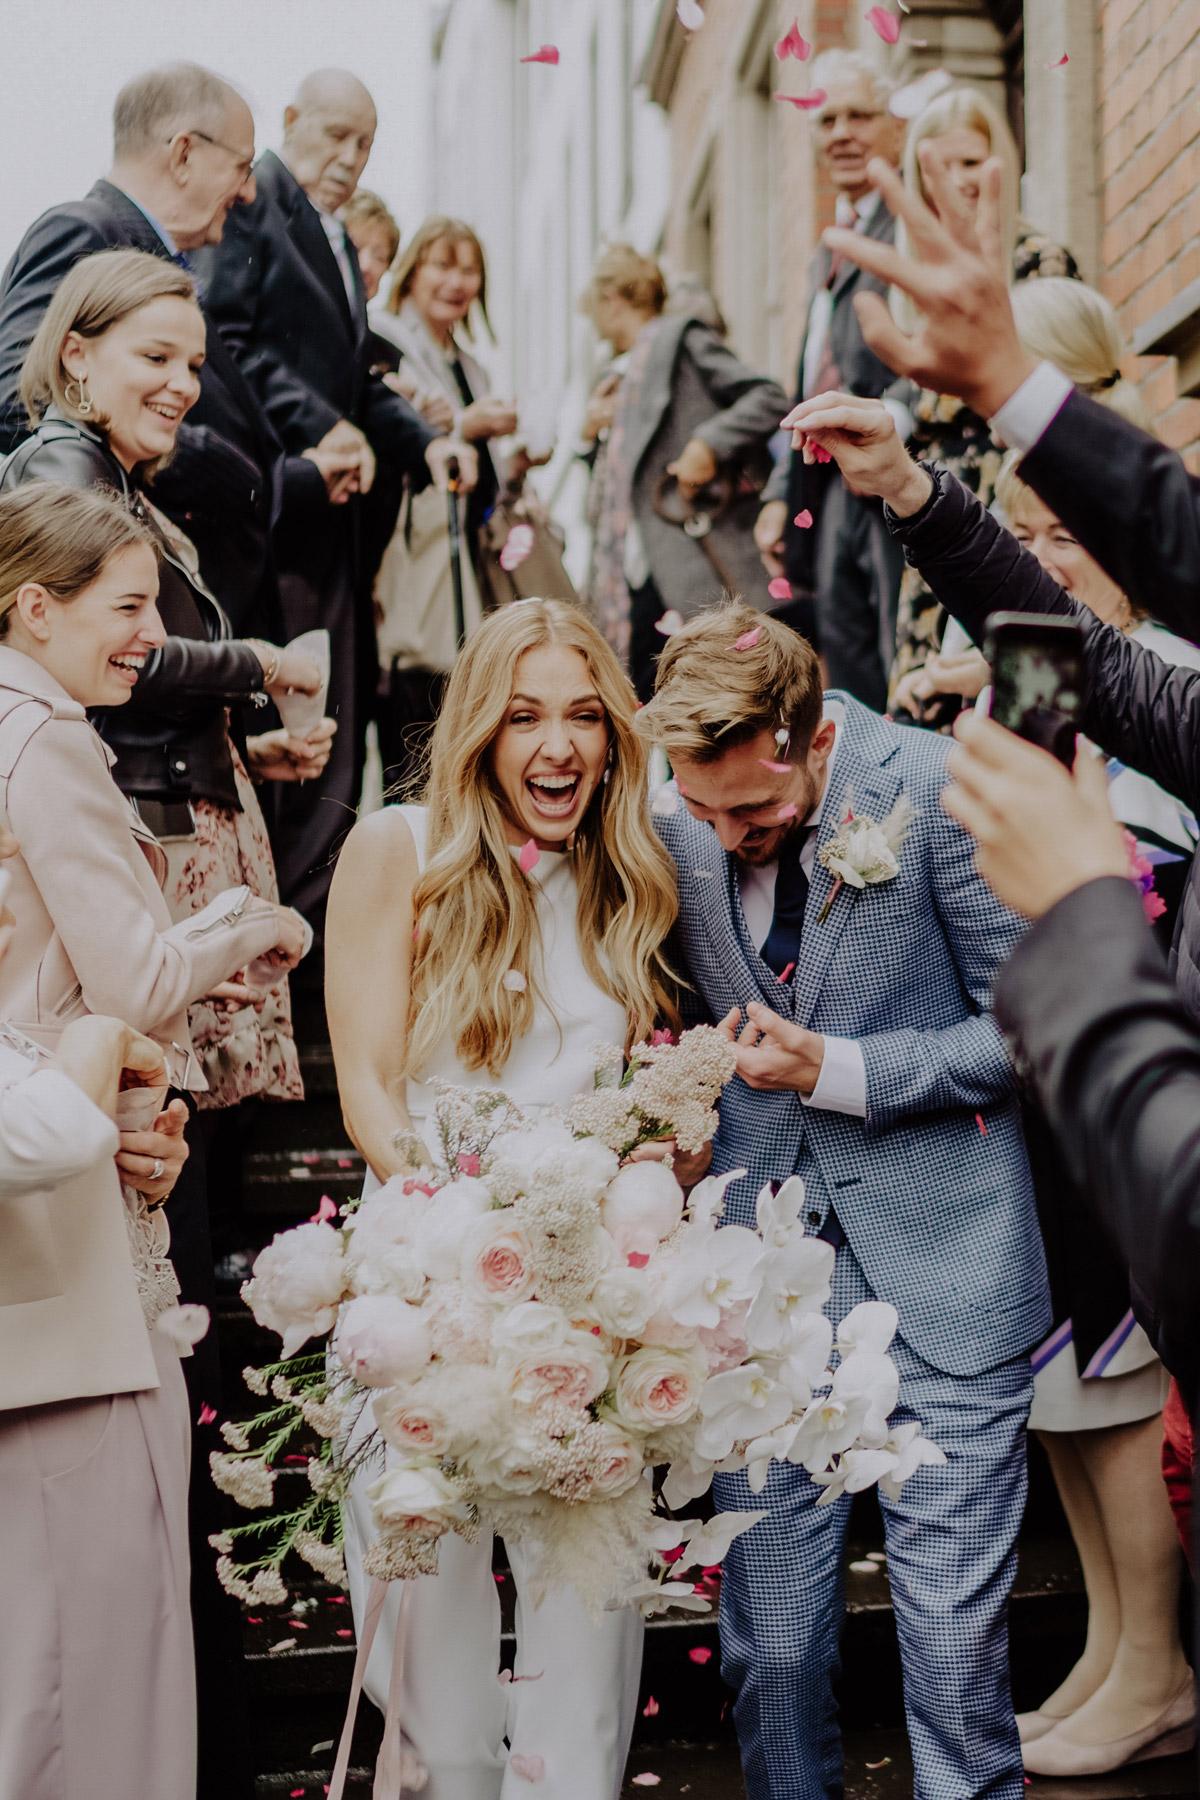 Standesamt Hochzeit Foto Ideen Gäste werfen Blütenblätter auf Hochzeitspar; frisch verheiratetes glückliches Ehepaar bei standesamtlicher Hochzeit mit Regen von Hochzeitsfotografin Berlin © www.hochzeitslicht.de #hochzeitslicht